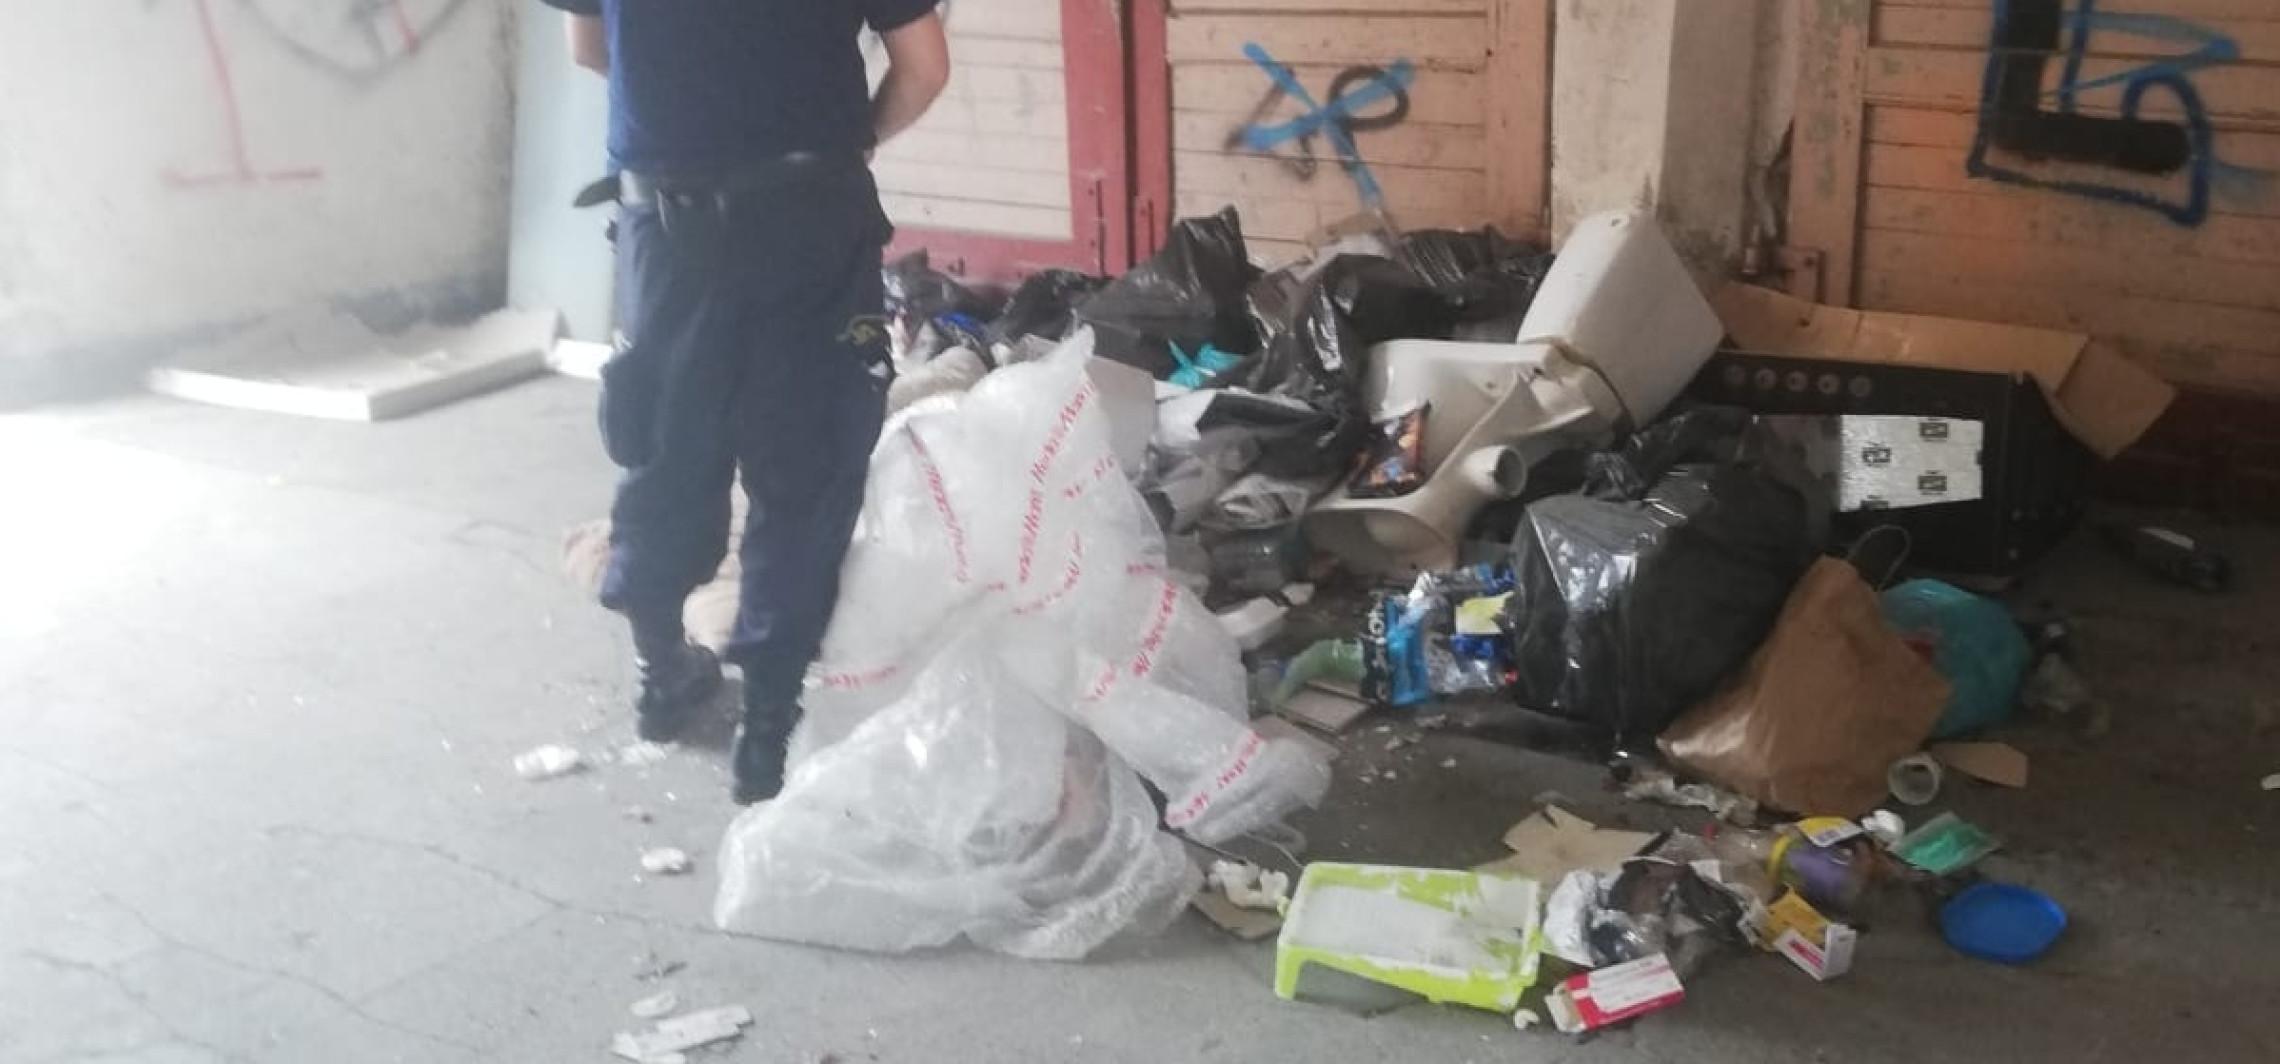 Inowrocław - Podrzucił śmieci na podwórzu. Zapłaci 500 zł